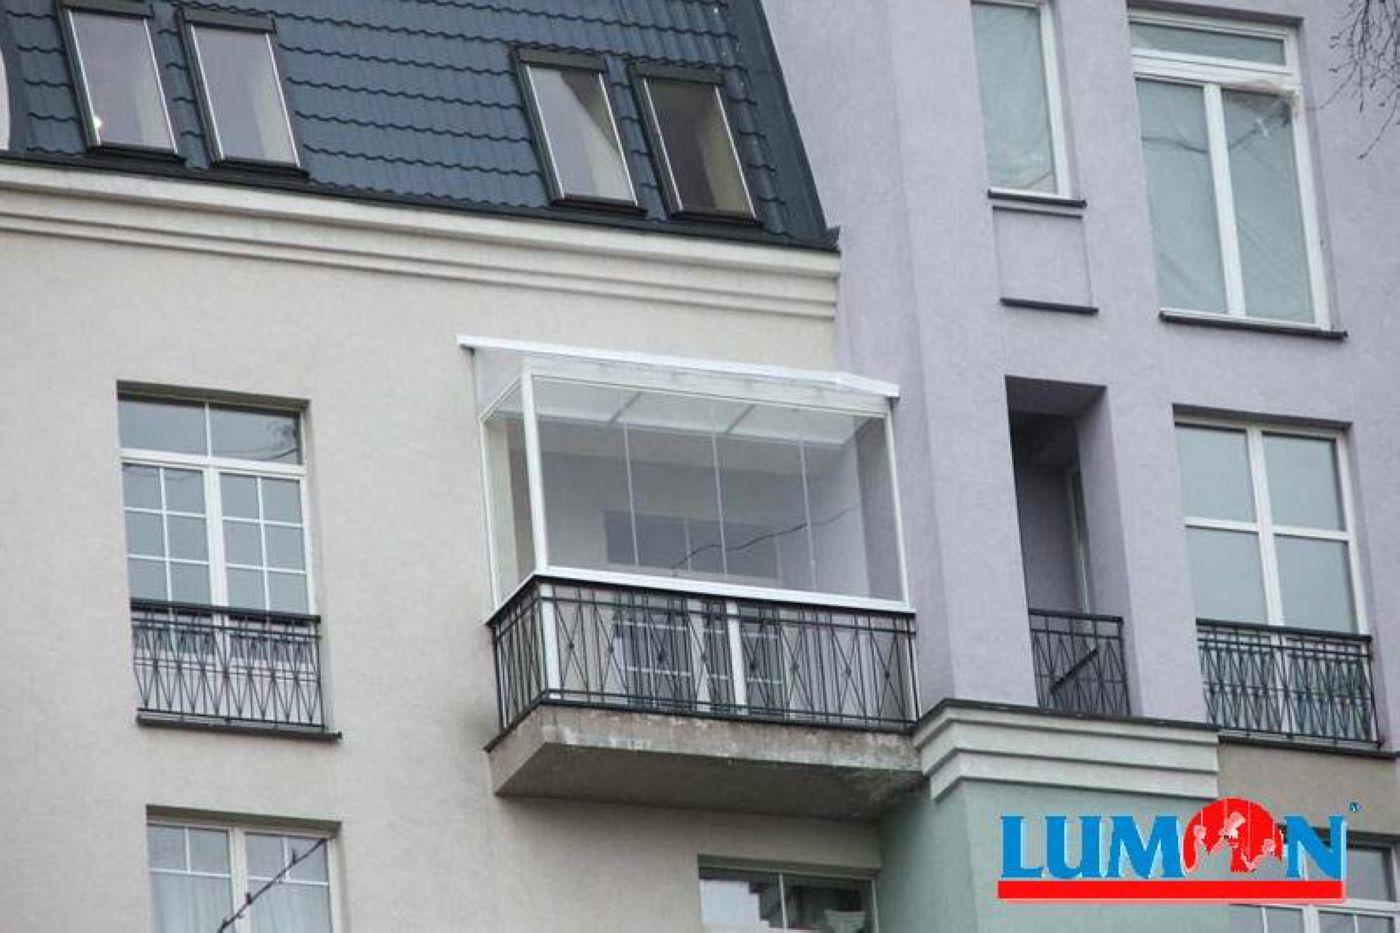 Крыша без остекления на балконе последнего этажа..